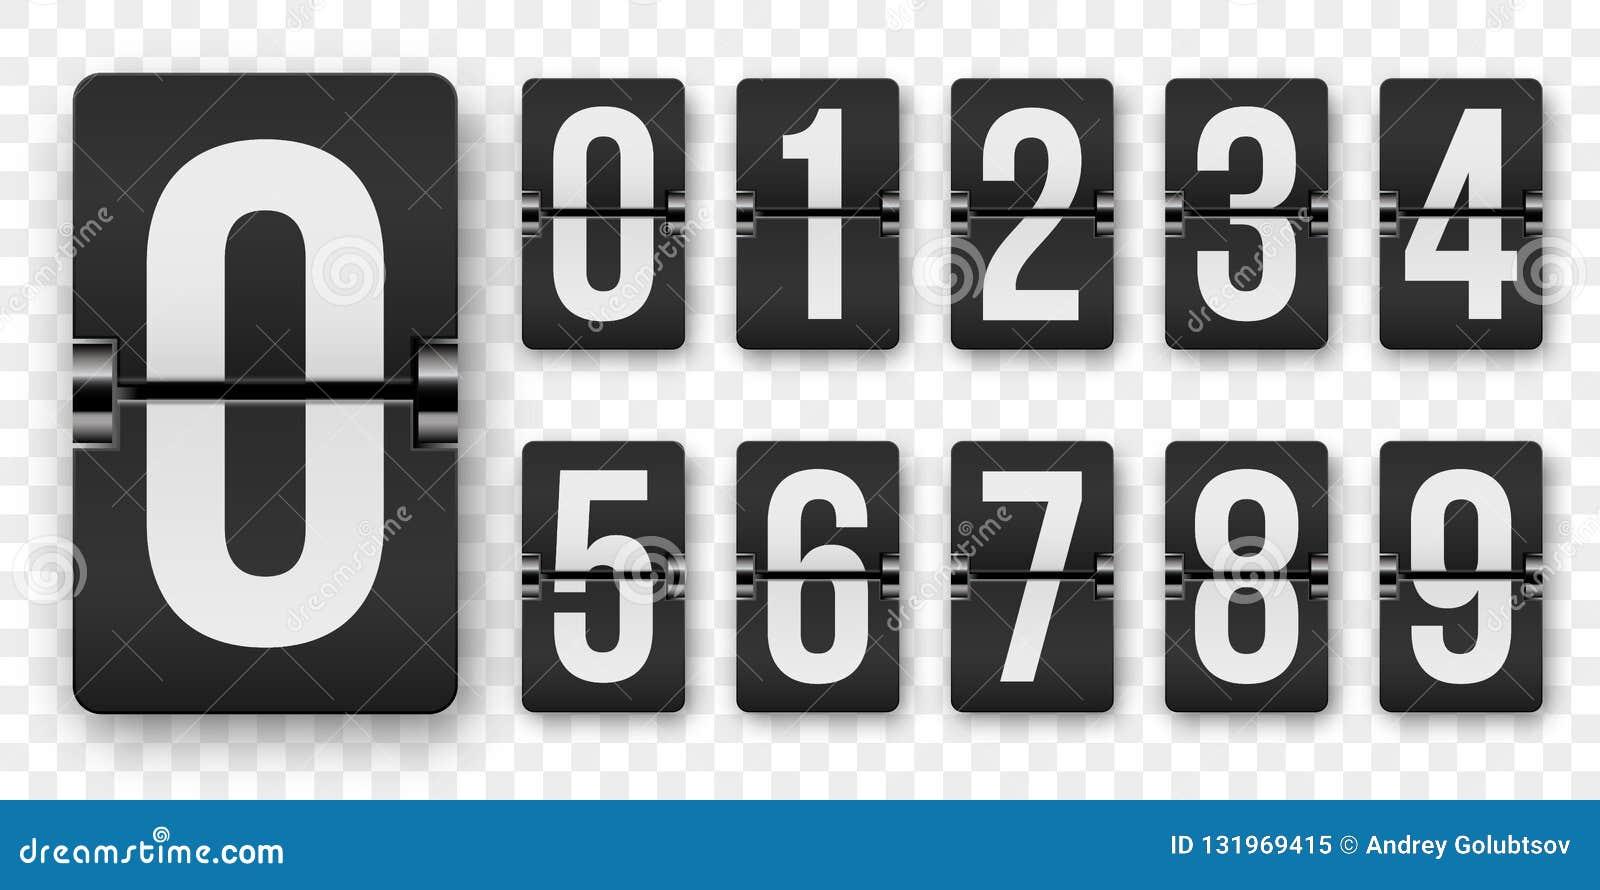 读秒数字翻转逆传染媒介被隔绝的集合 减速火箭的样式轻碰时钟或记分牌机械第1到0集合